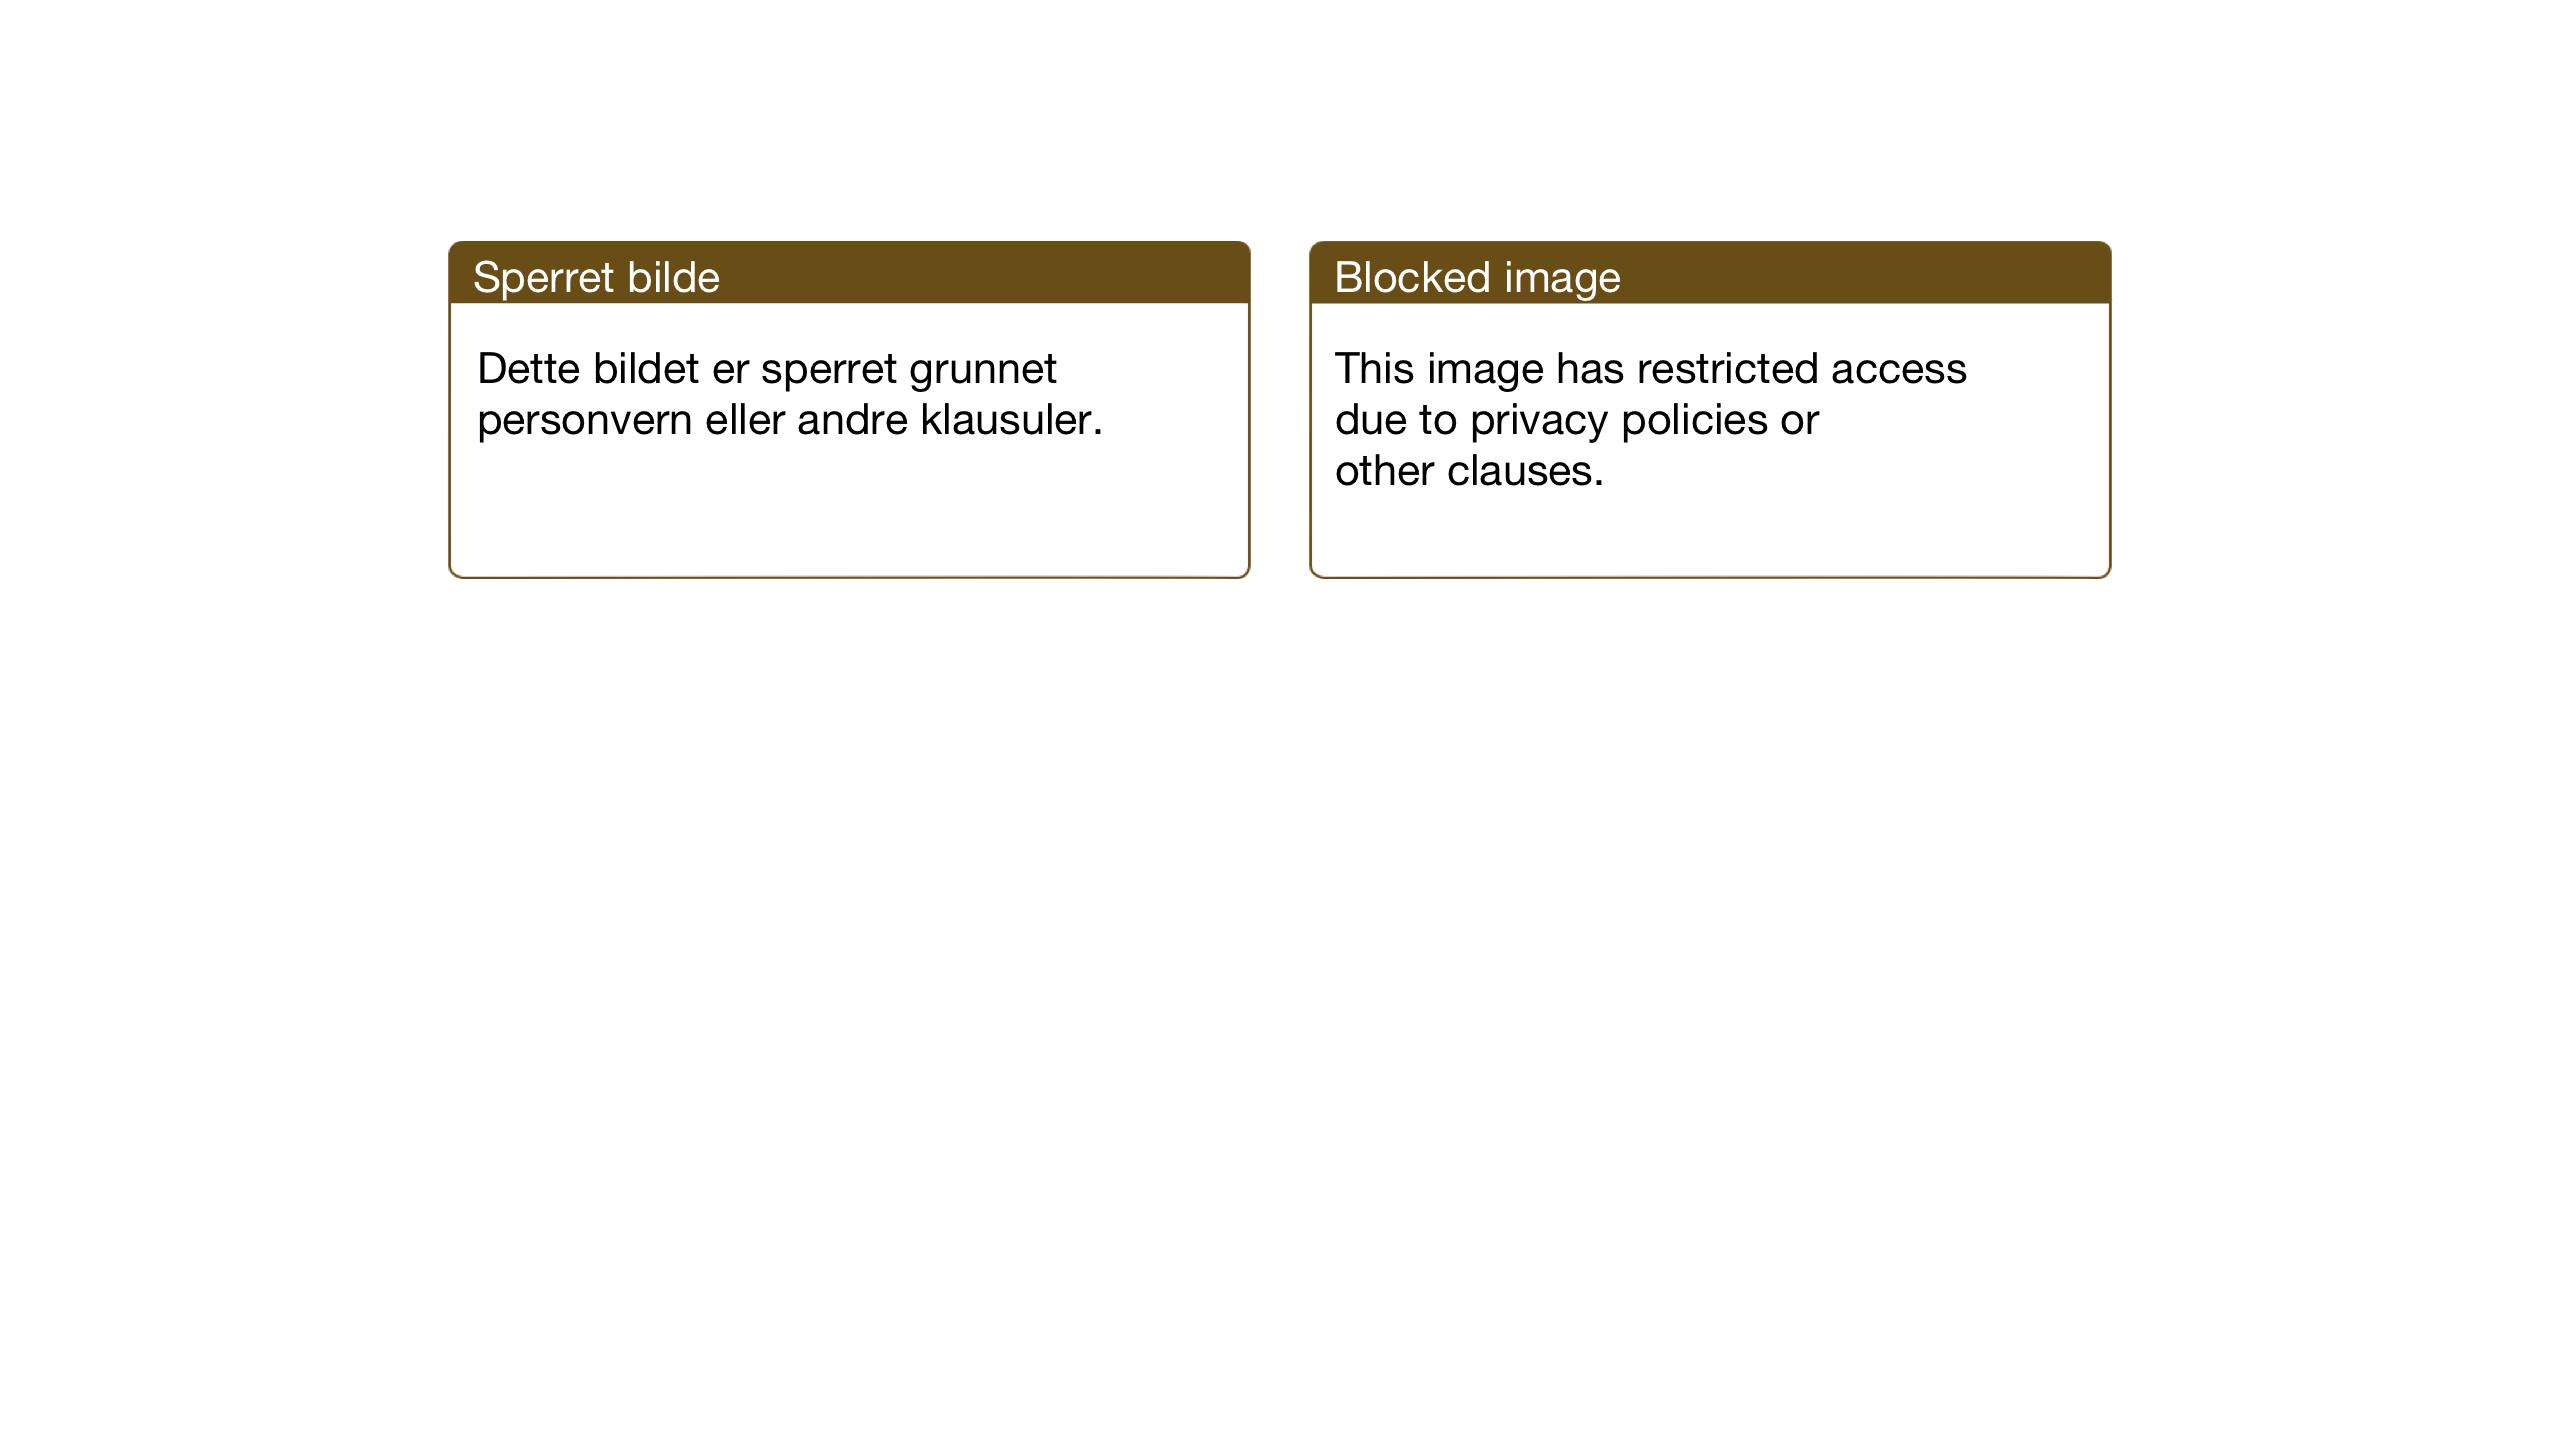 SAT, Ministerialprotokoller, klokkerbøker og fødselsregistre - Sør-Trøndelag, 638/L0569: Klokkerbok nr. 638C01, 1923-1961, s. 60